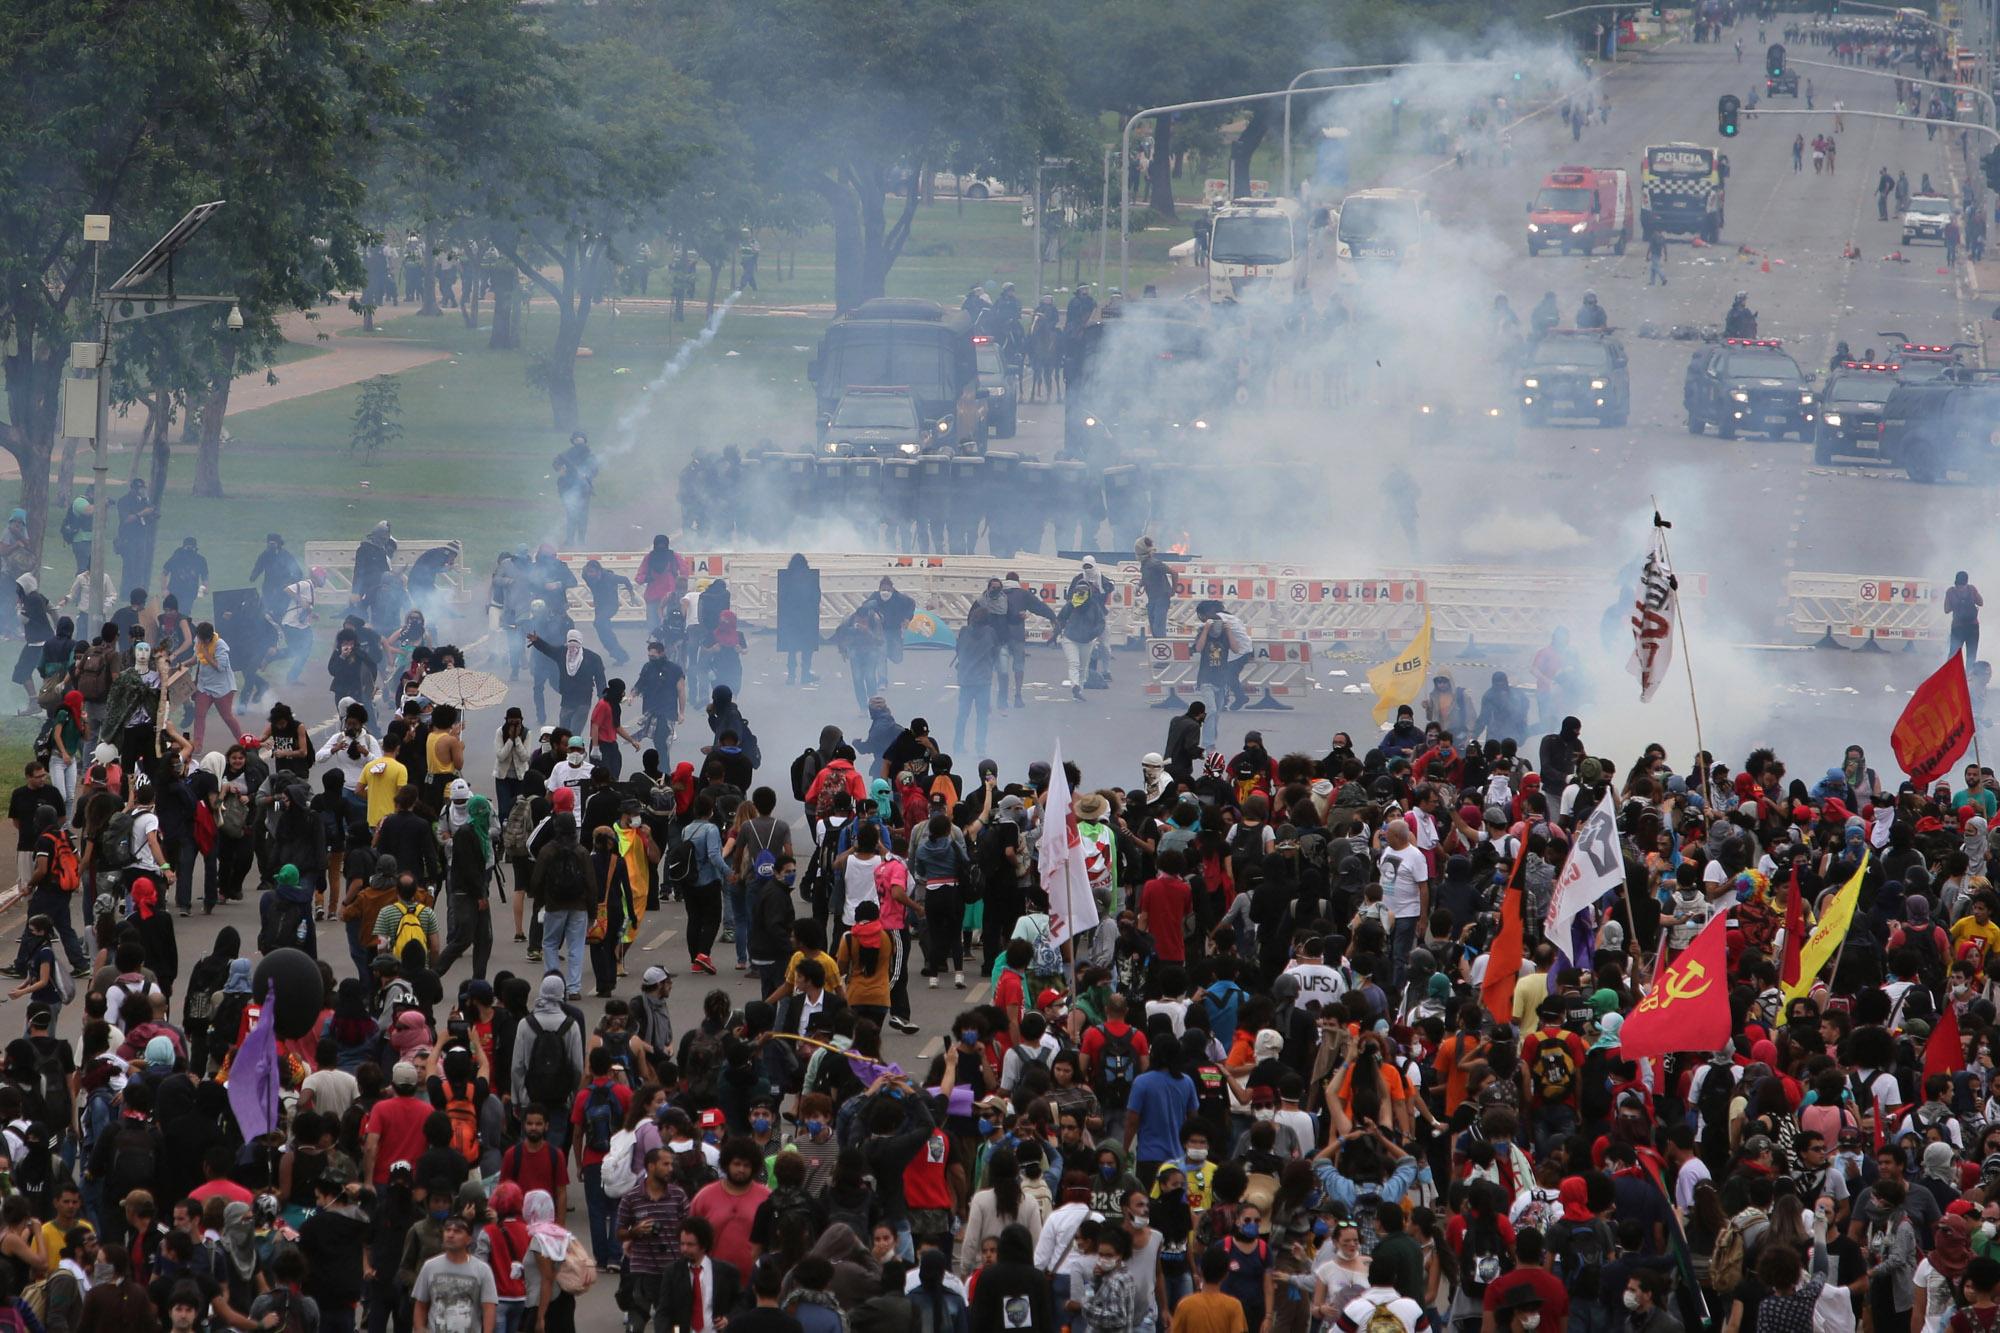 Manifestantes e policiais entram em confronto durante uma manifestação contra a PEC 55, que limita os gastos públicos para os próximos 20 anos, na Esplanada dos Ministérios, em Brasília